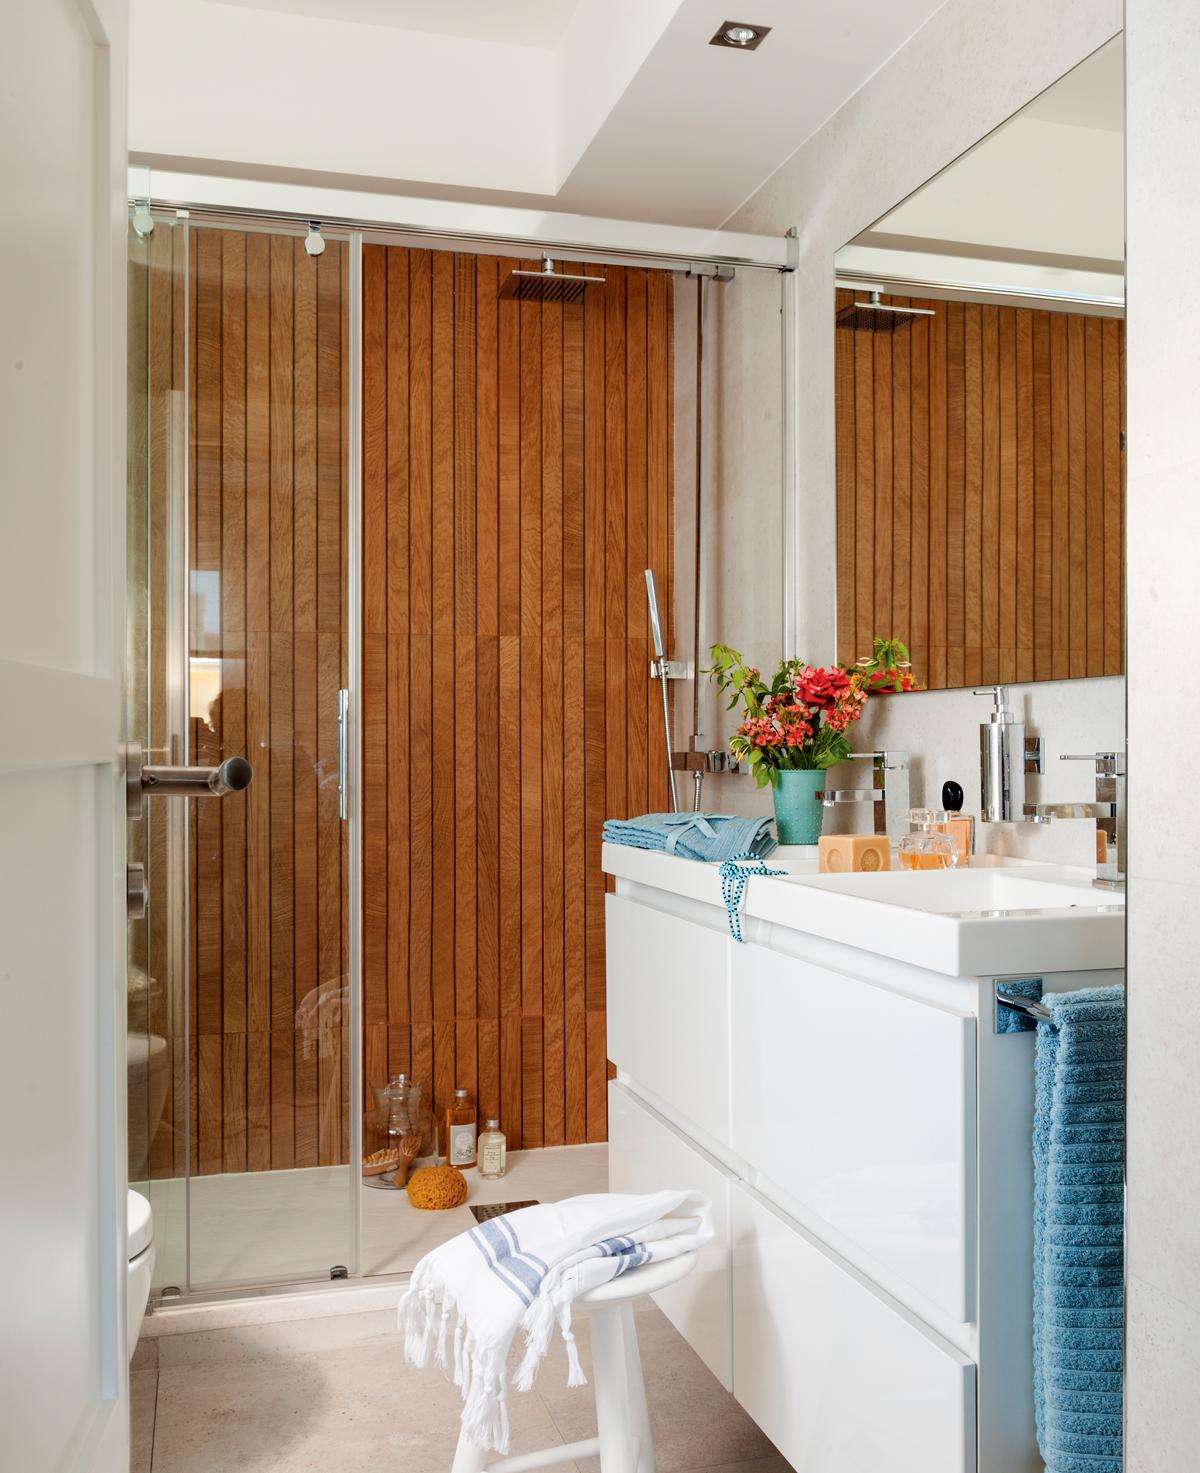 Muebles ba o decoraci n accesorios mamparas y azulejos for Mueble bano de madera